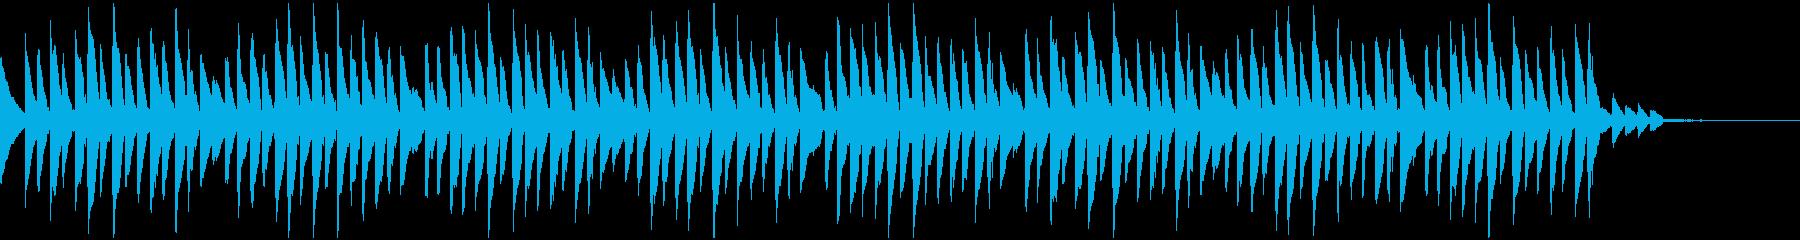 ピコピコ(クイズやシンキングタイム)の再生済みの波形